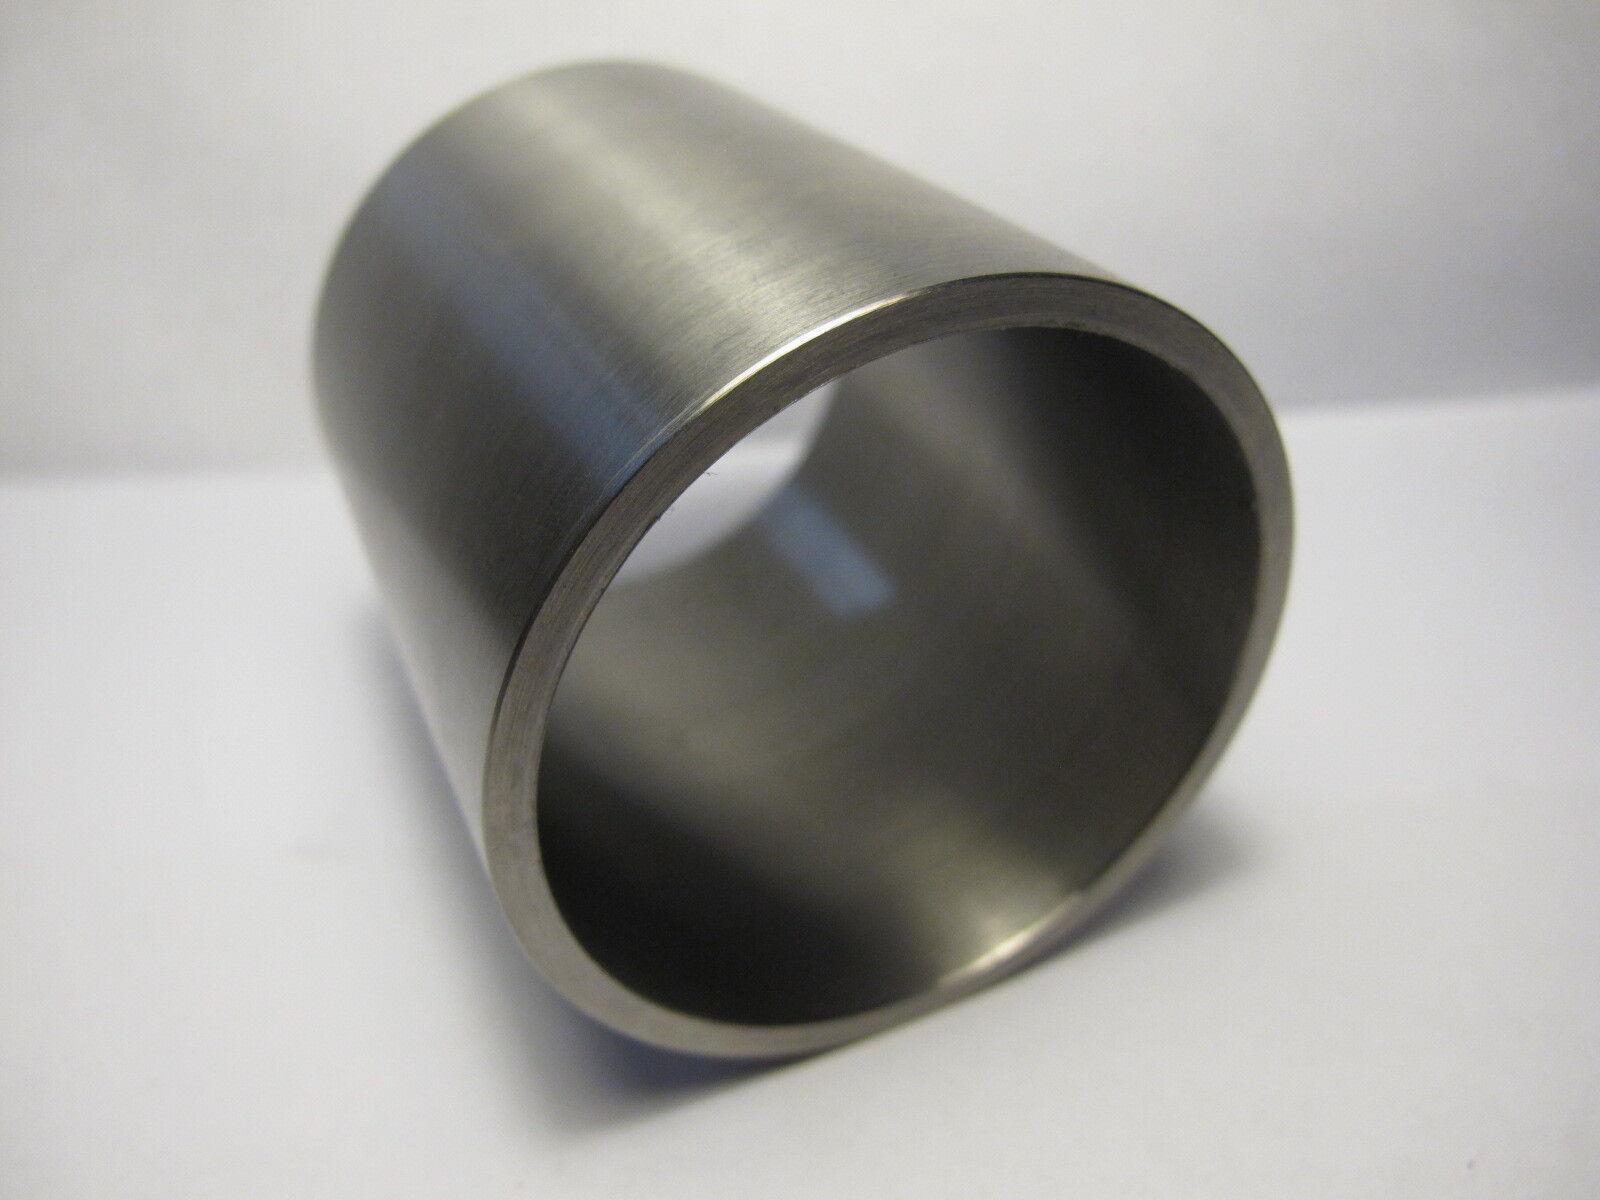 Soporte inferior de titanio Shell - 54mm Bushnell Eccentric-para la construcción de bicicleta